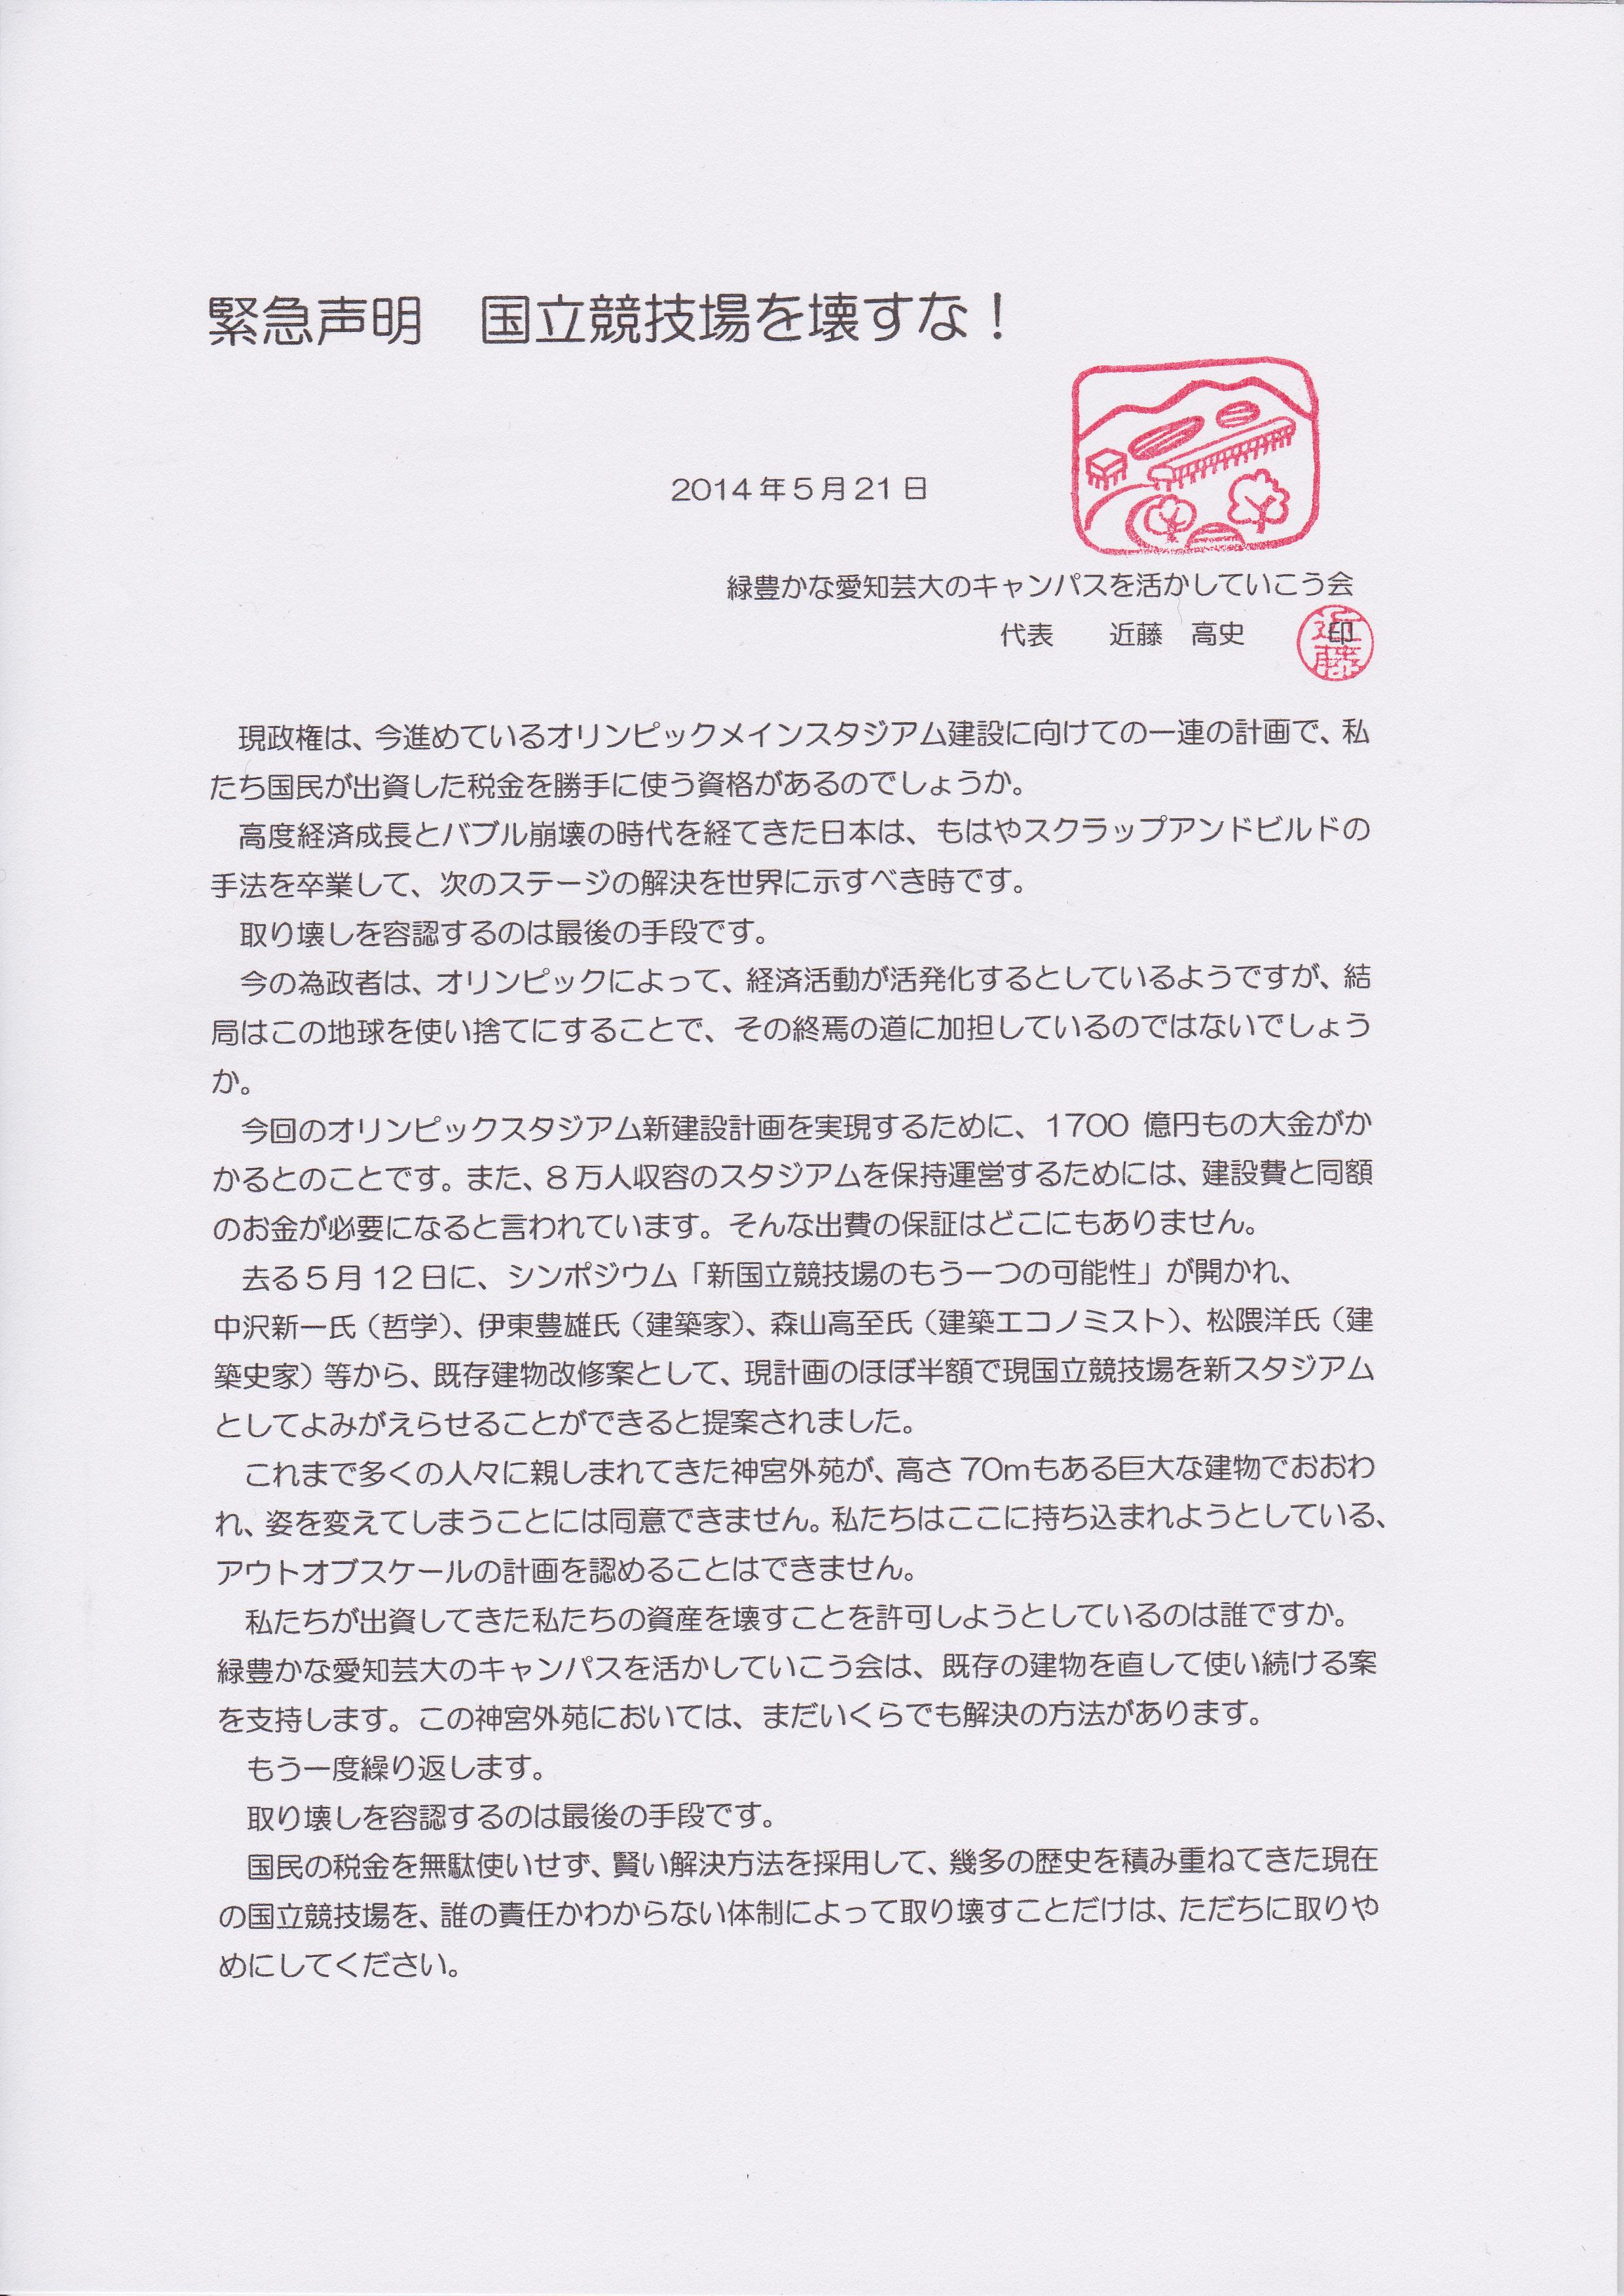 新国立競技場_声明 20140521 jpg